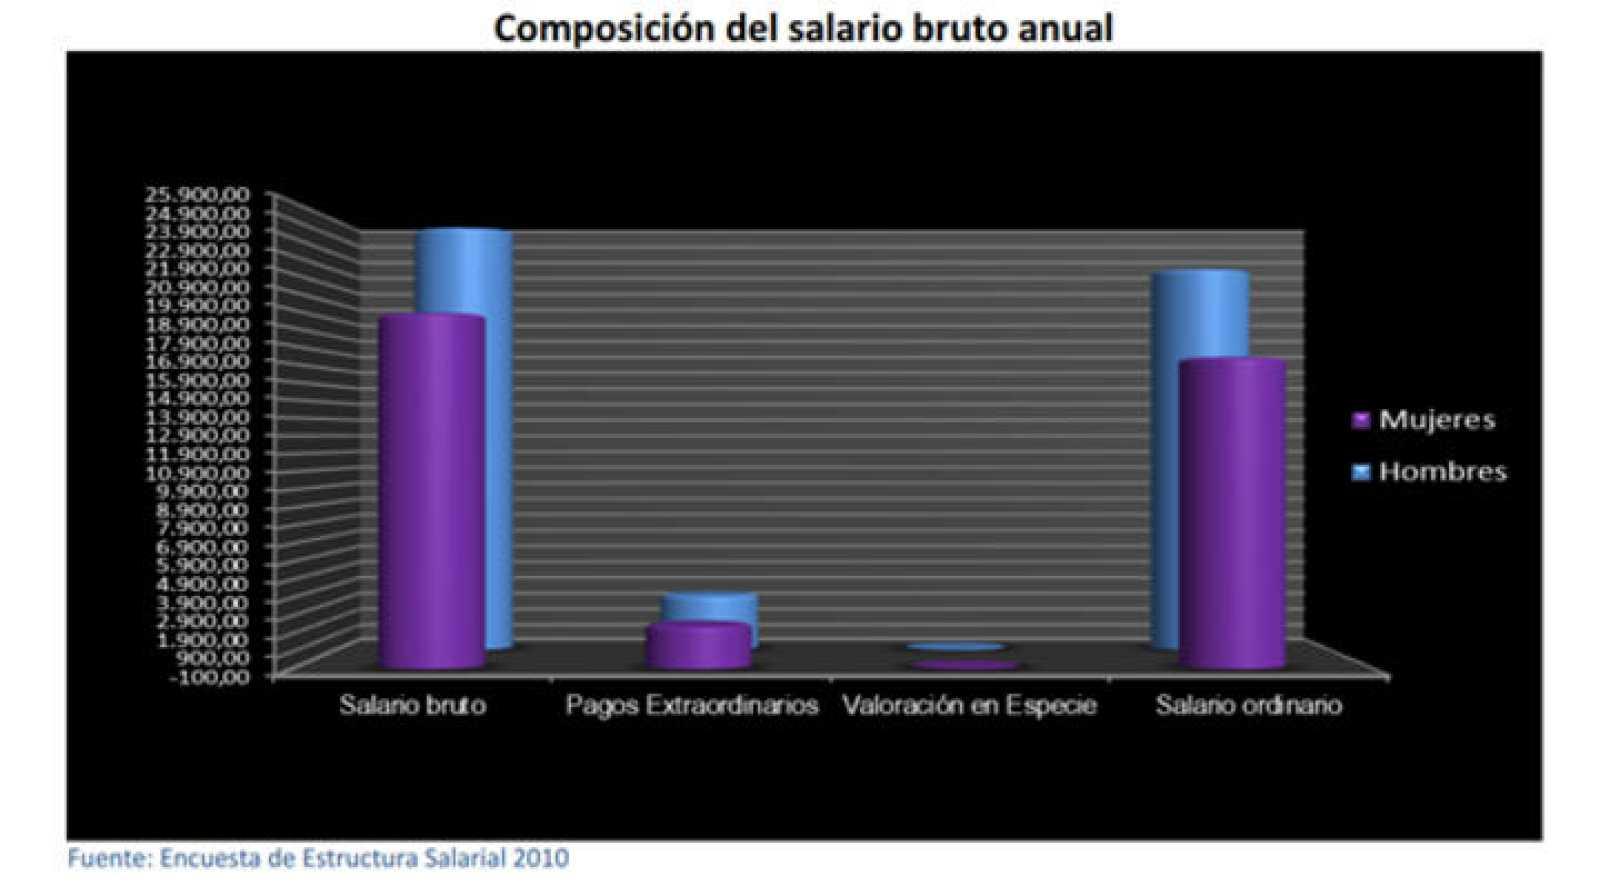 Composición del salario bruto anual